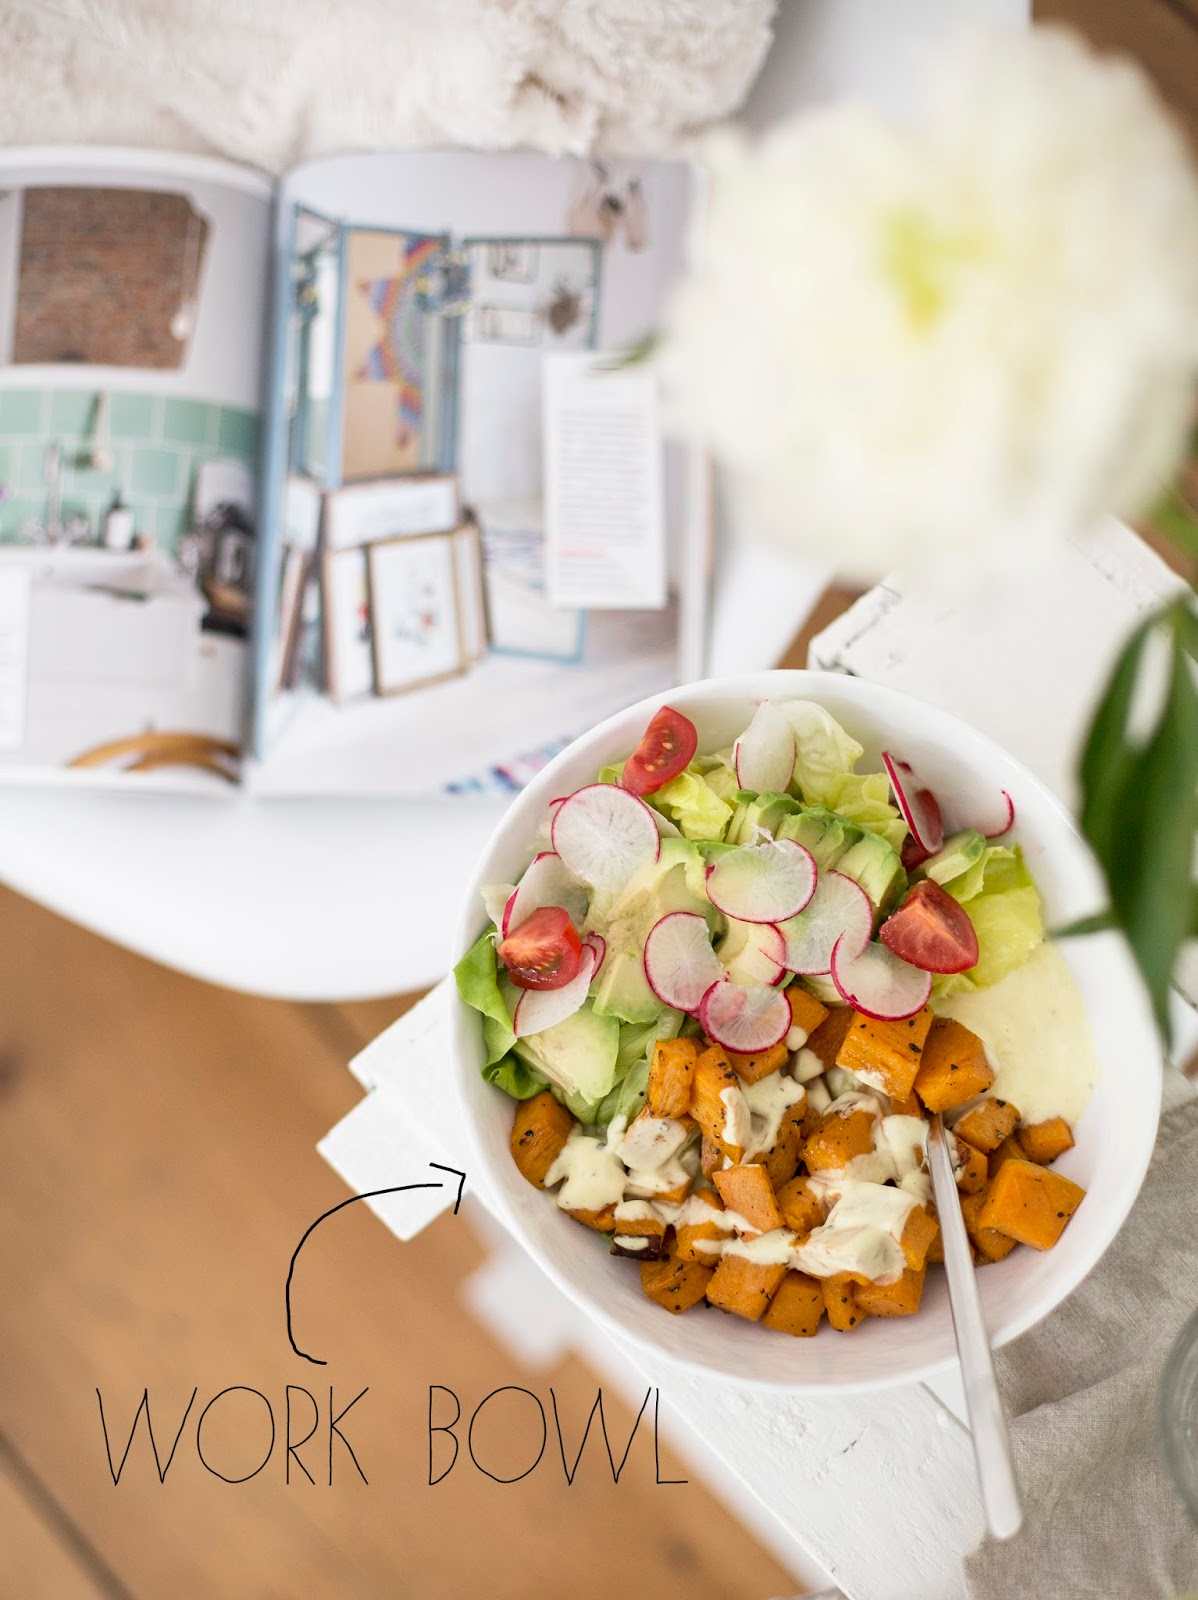 Work Bowl mit Süßkartoffeln und Salat